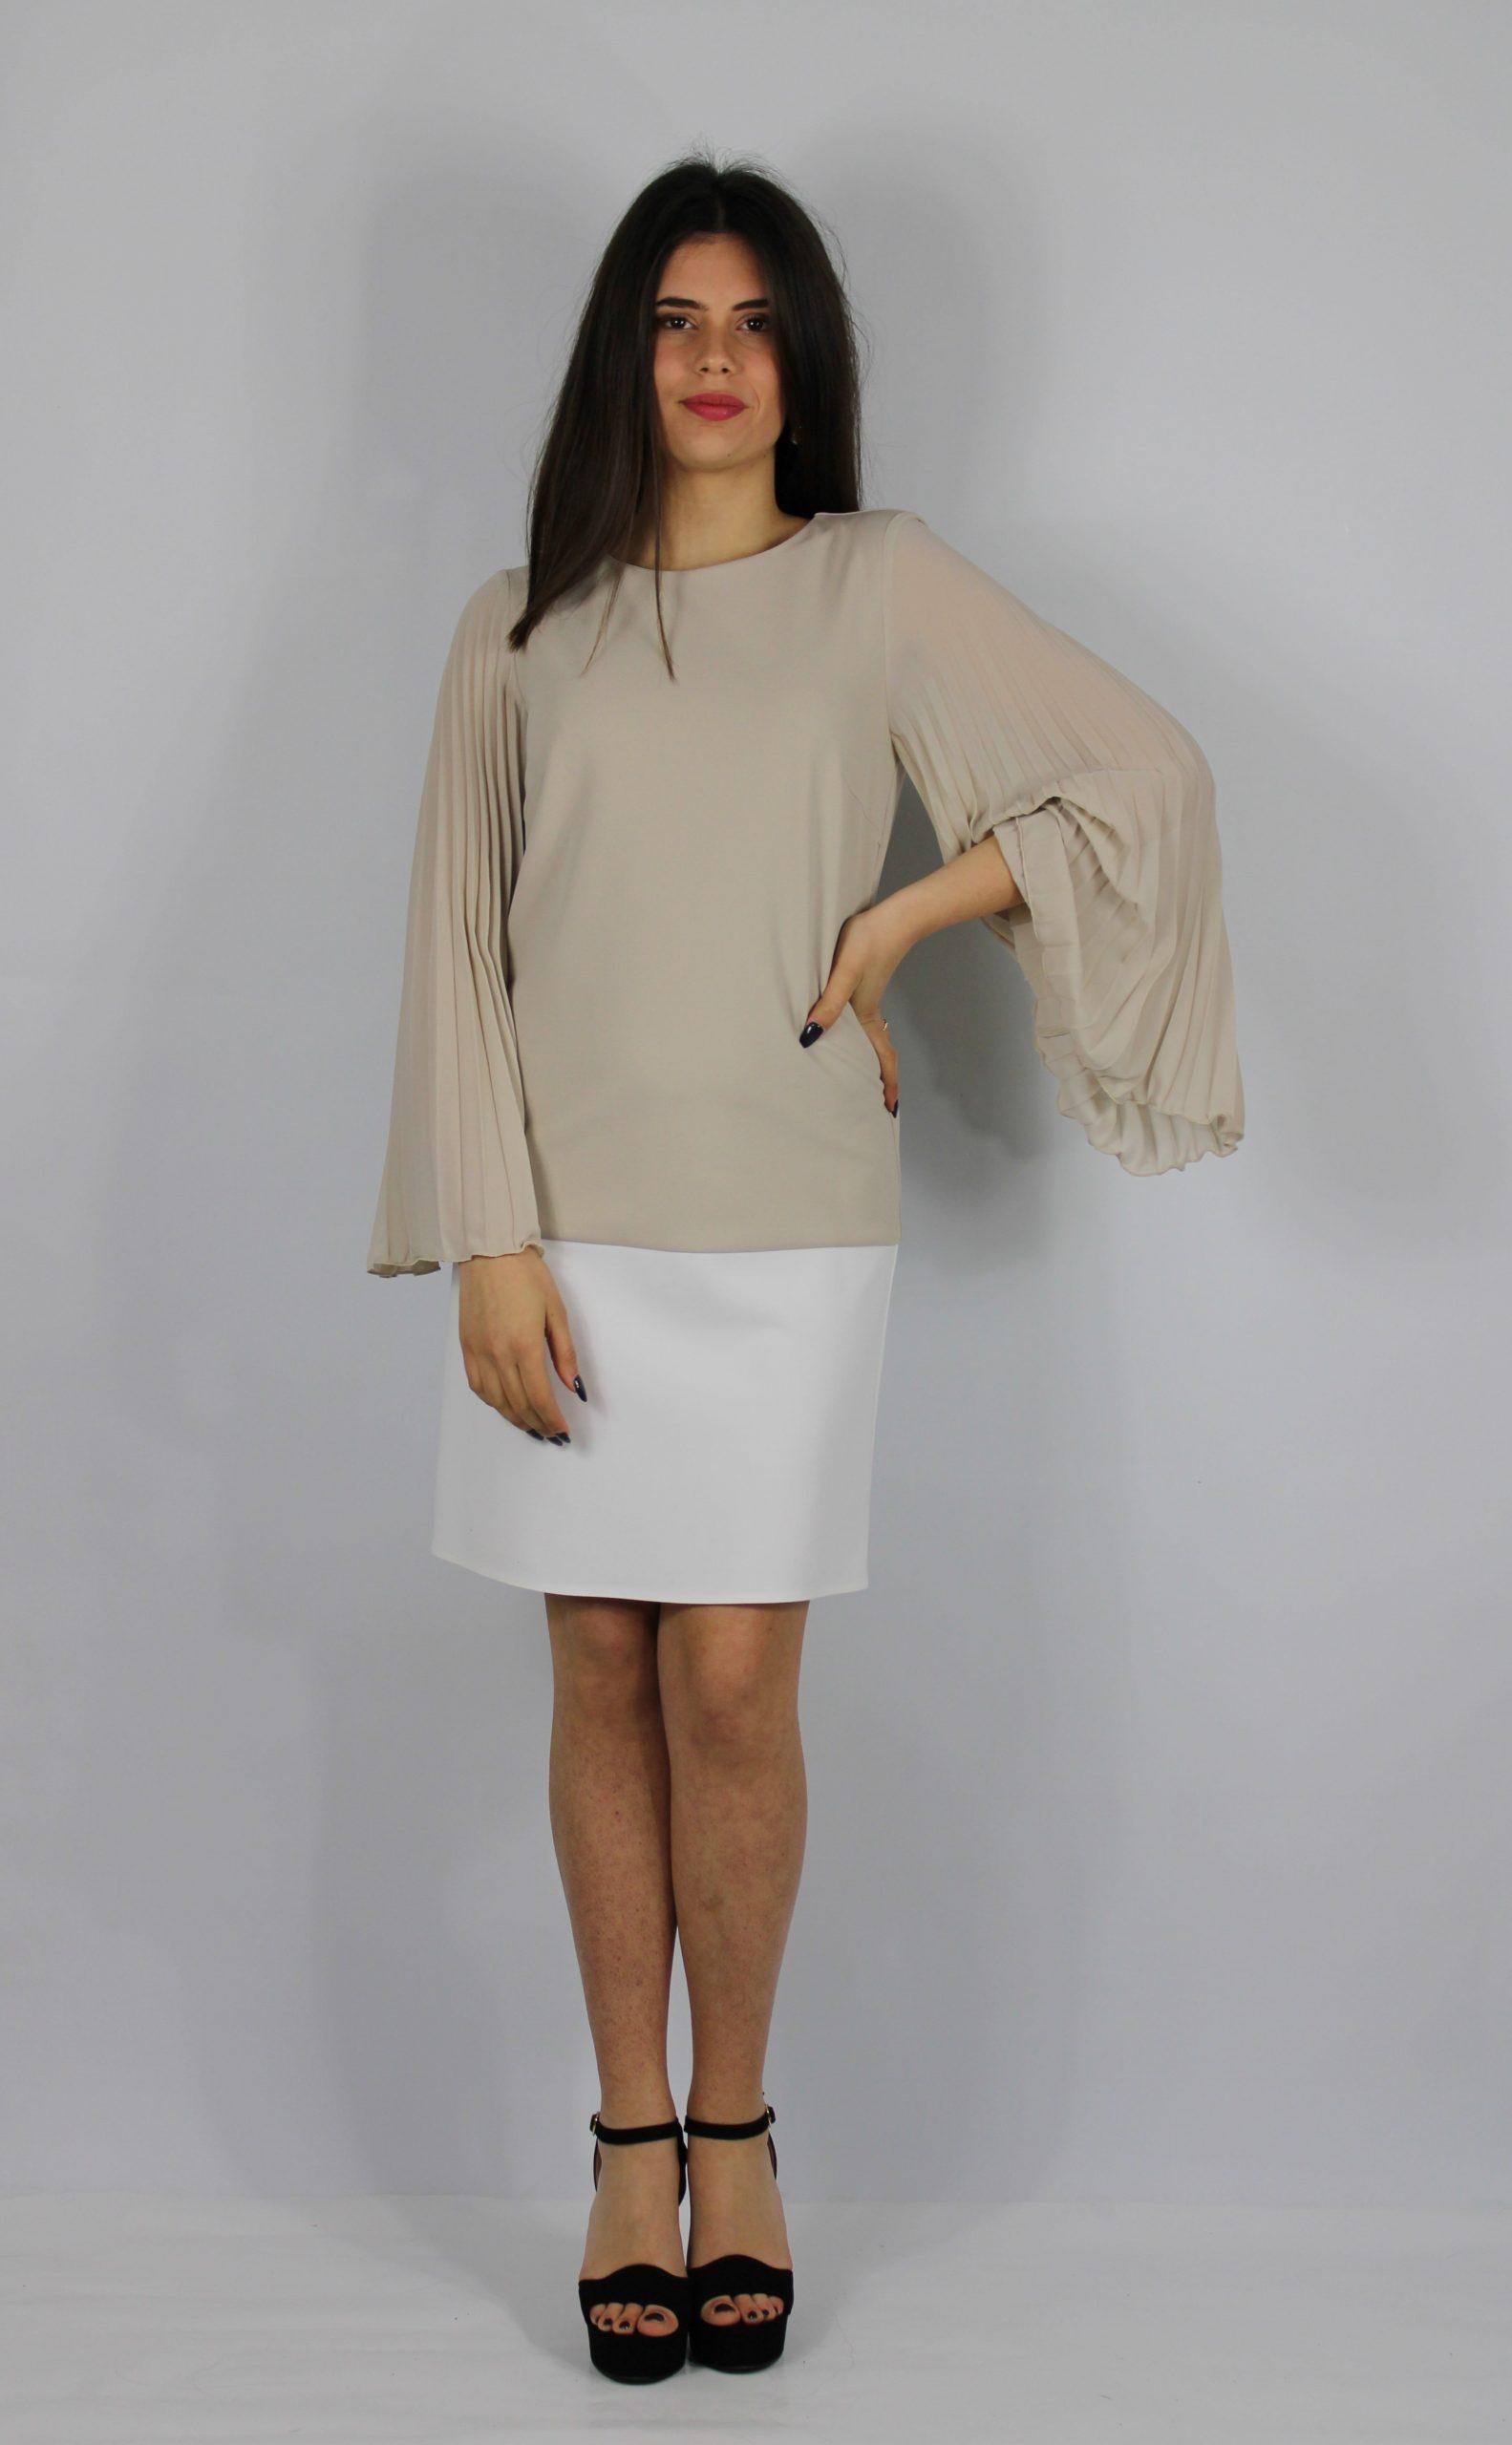 blusa stile casual beige charme canaris stile casual vestito elegante lecce salento galatina